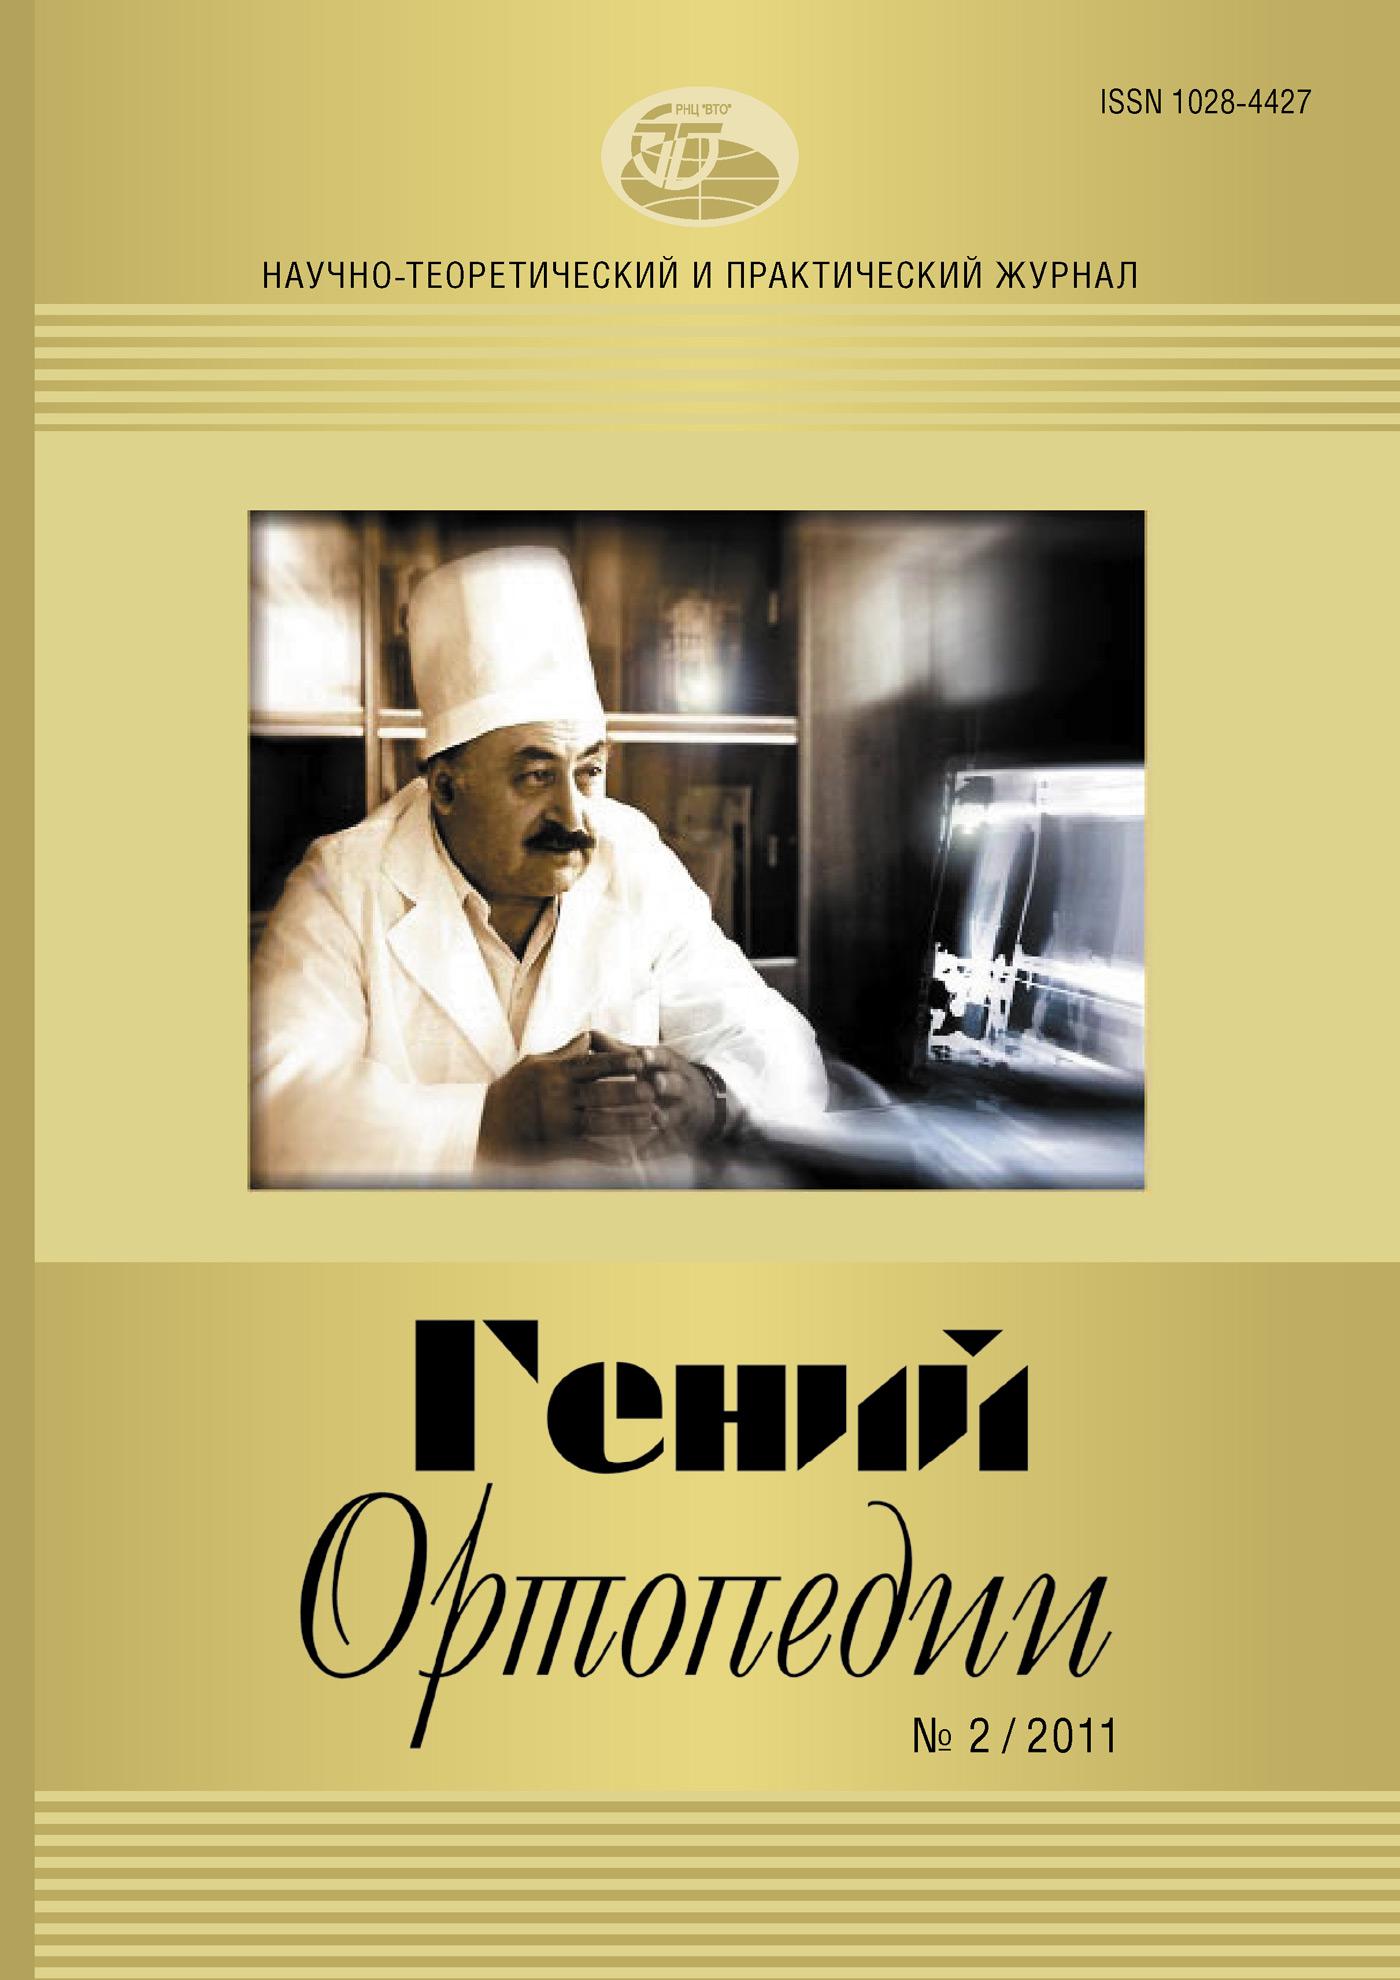 Отсутствует Журнал «Гений ортопедии» №02/2011 цена